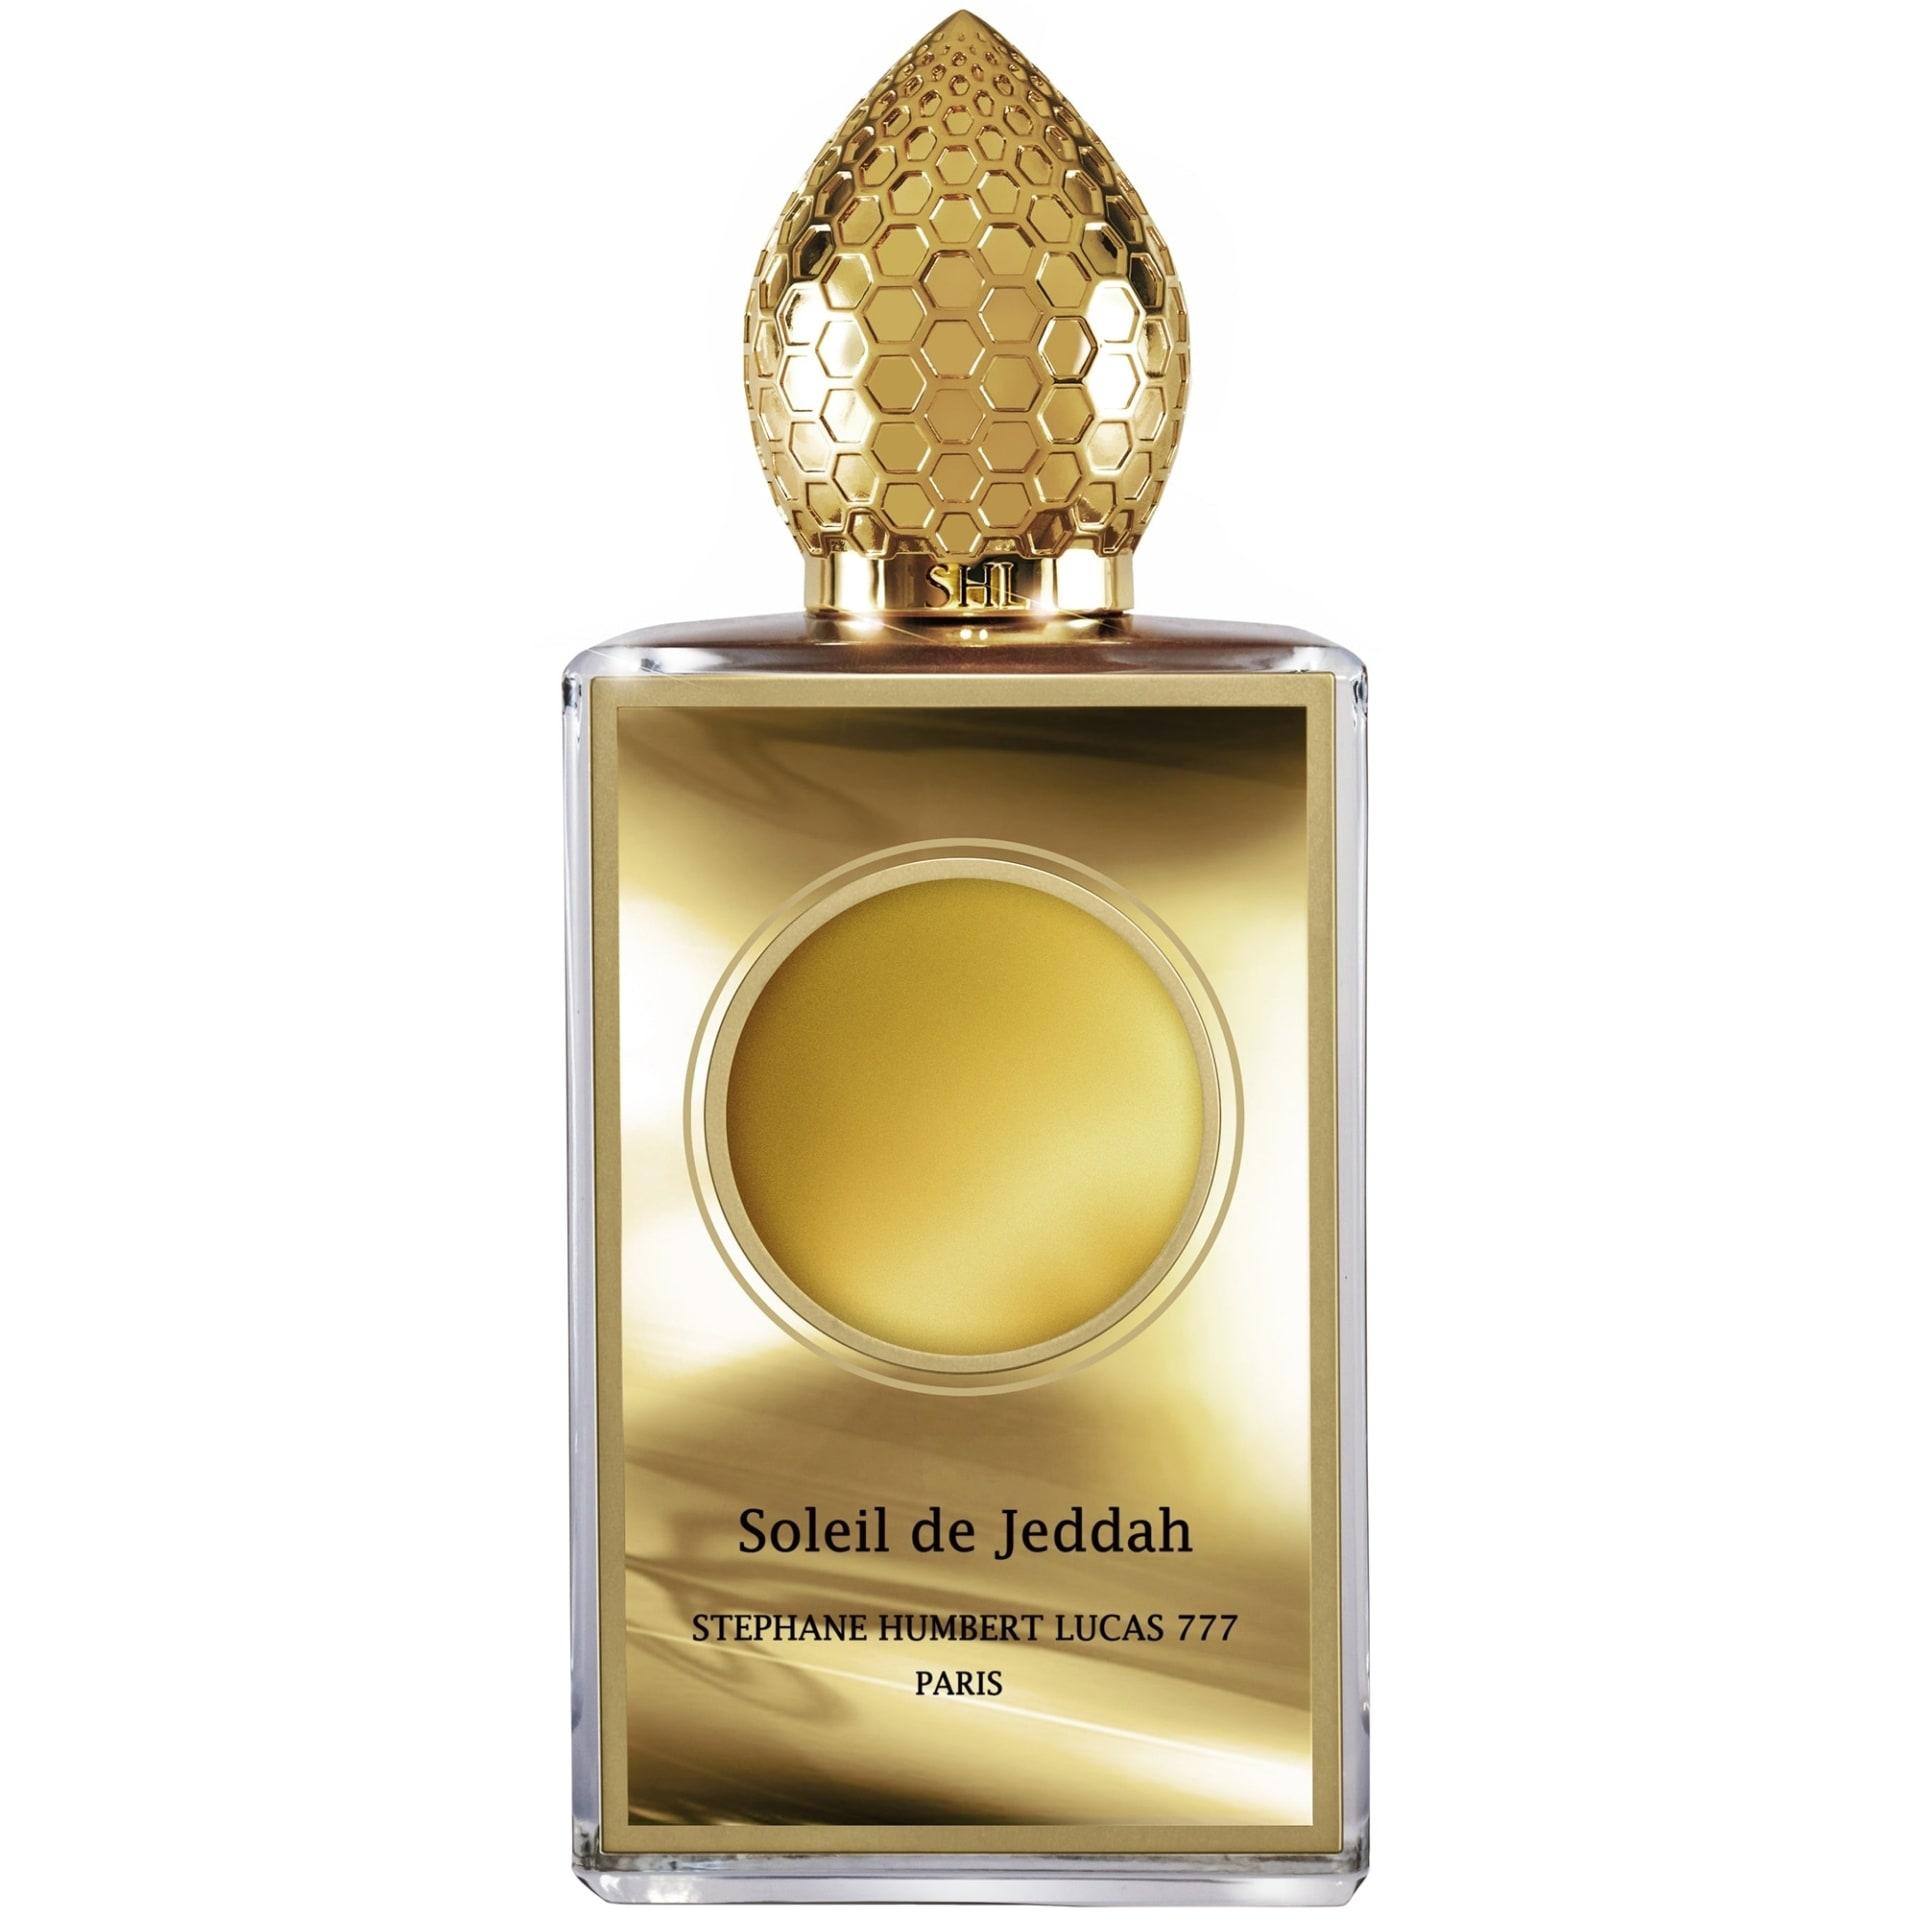 stephane-humbert-lucas-777-soleil-de-jeddah-100